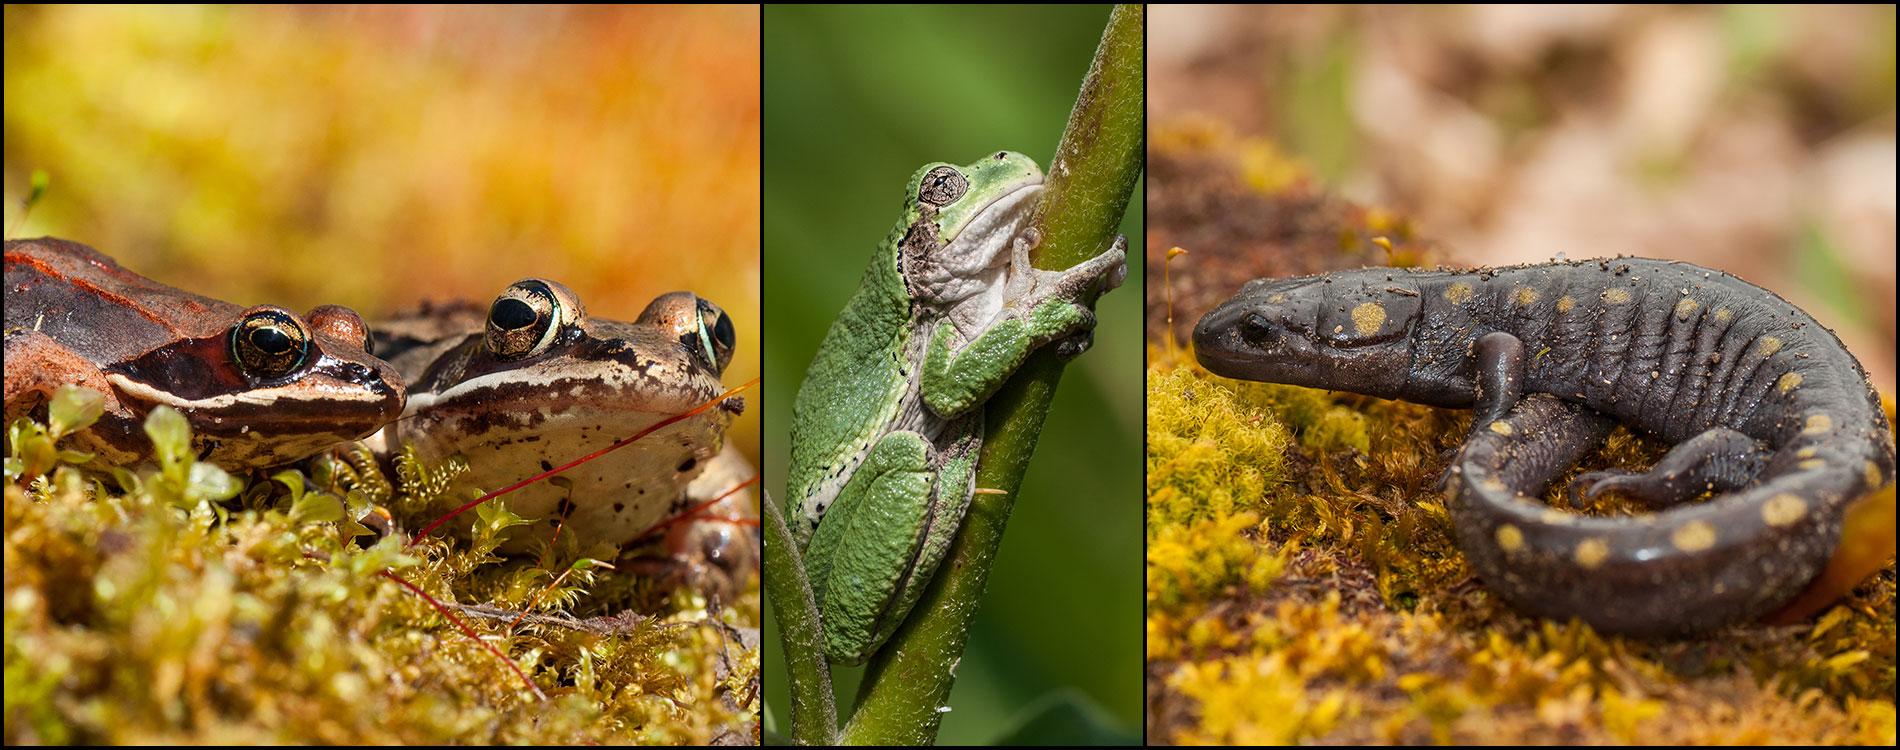 amphibian_1900x750